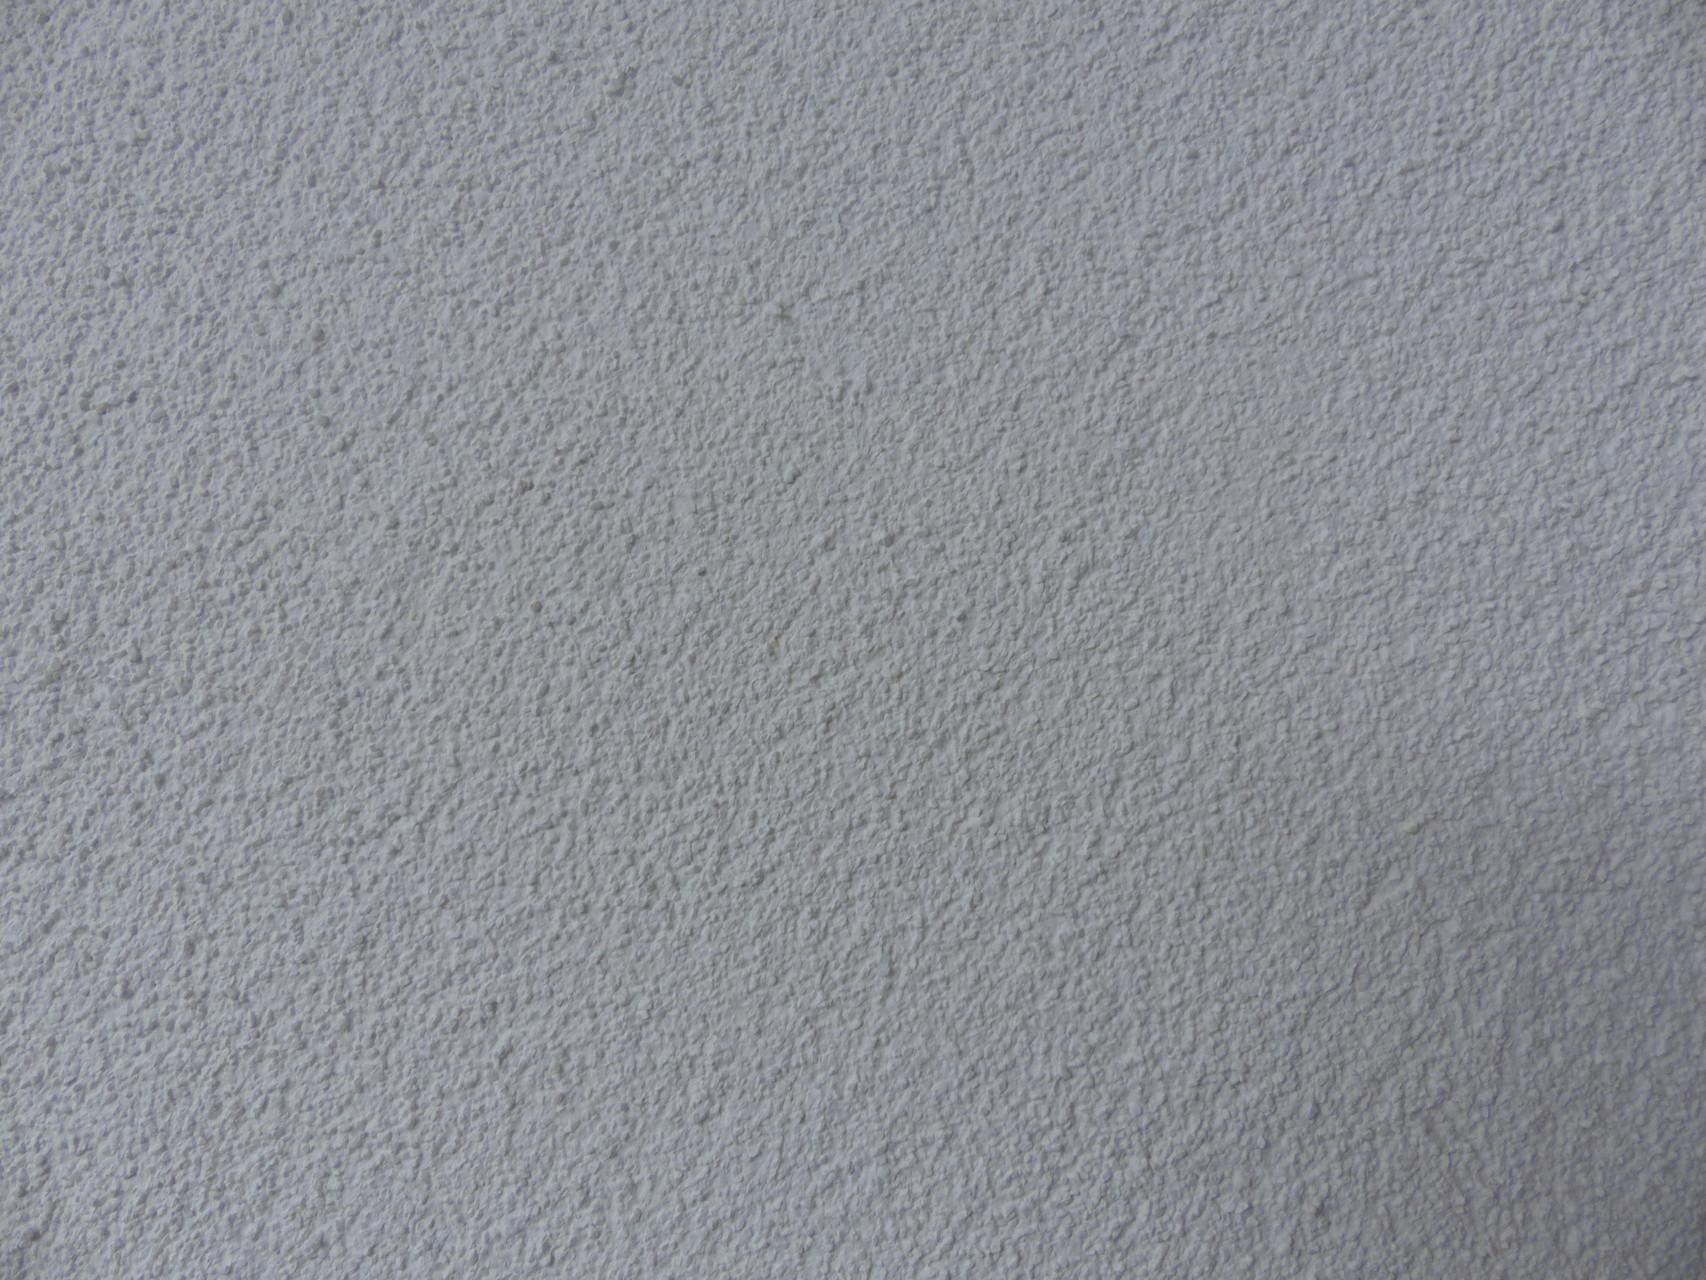 Außenputz: zweilagiges System aus Grundputz und mineralischer Oberputz